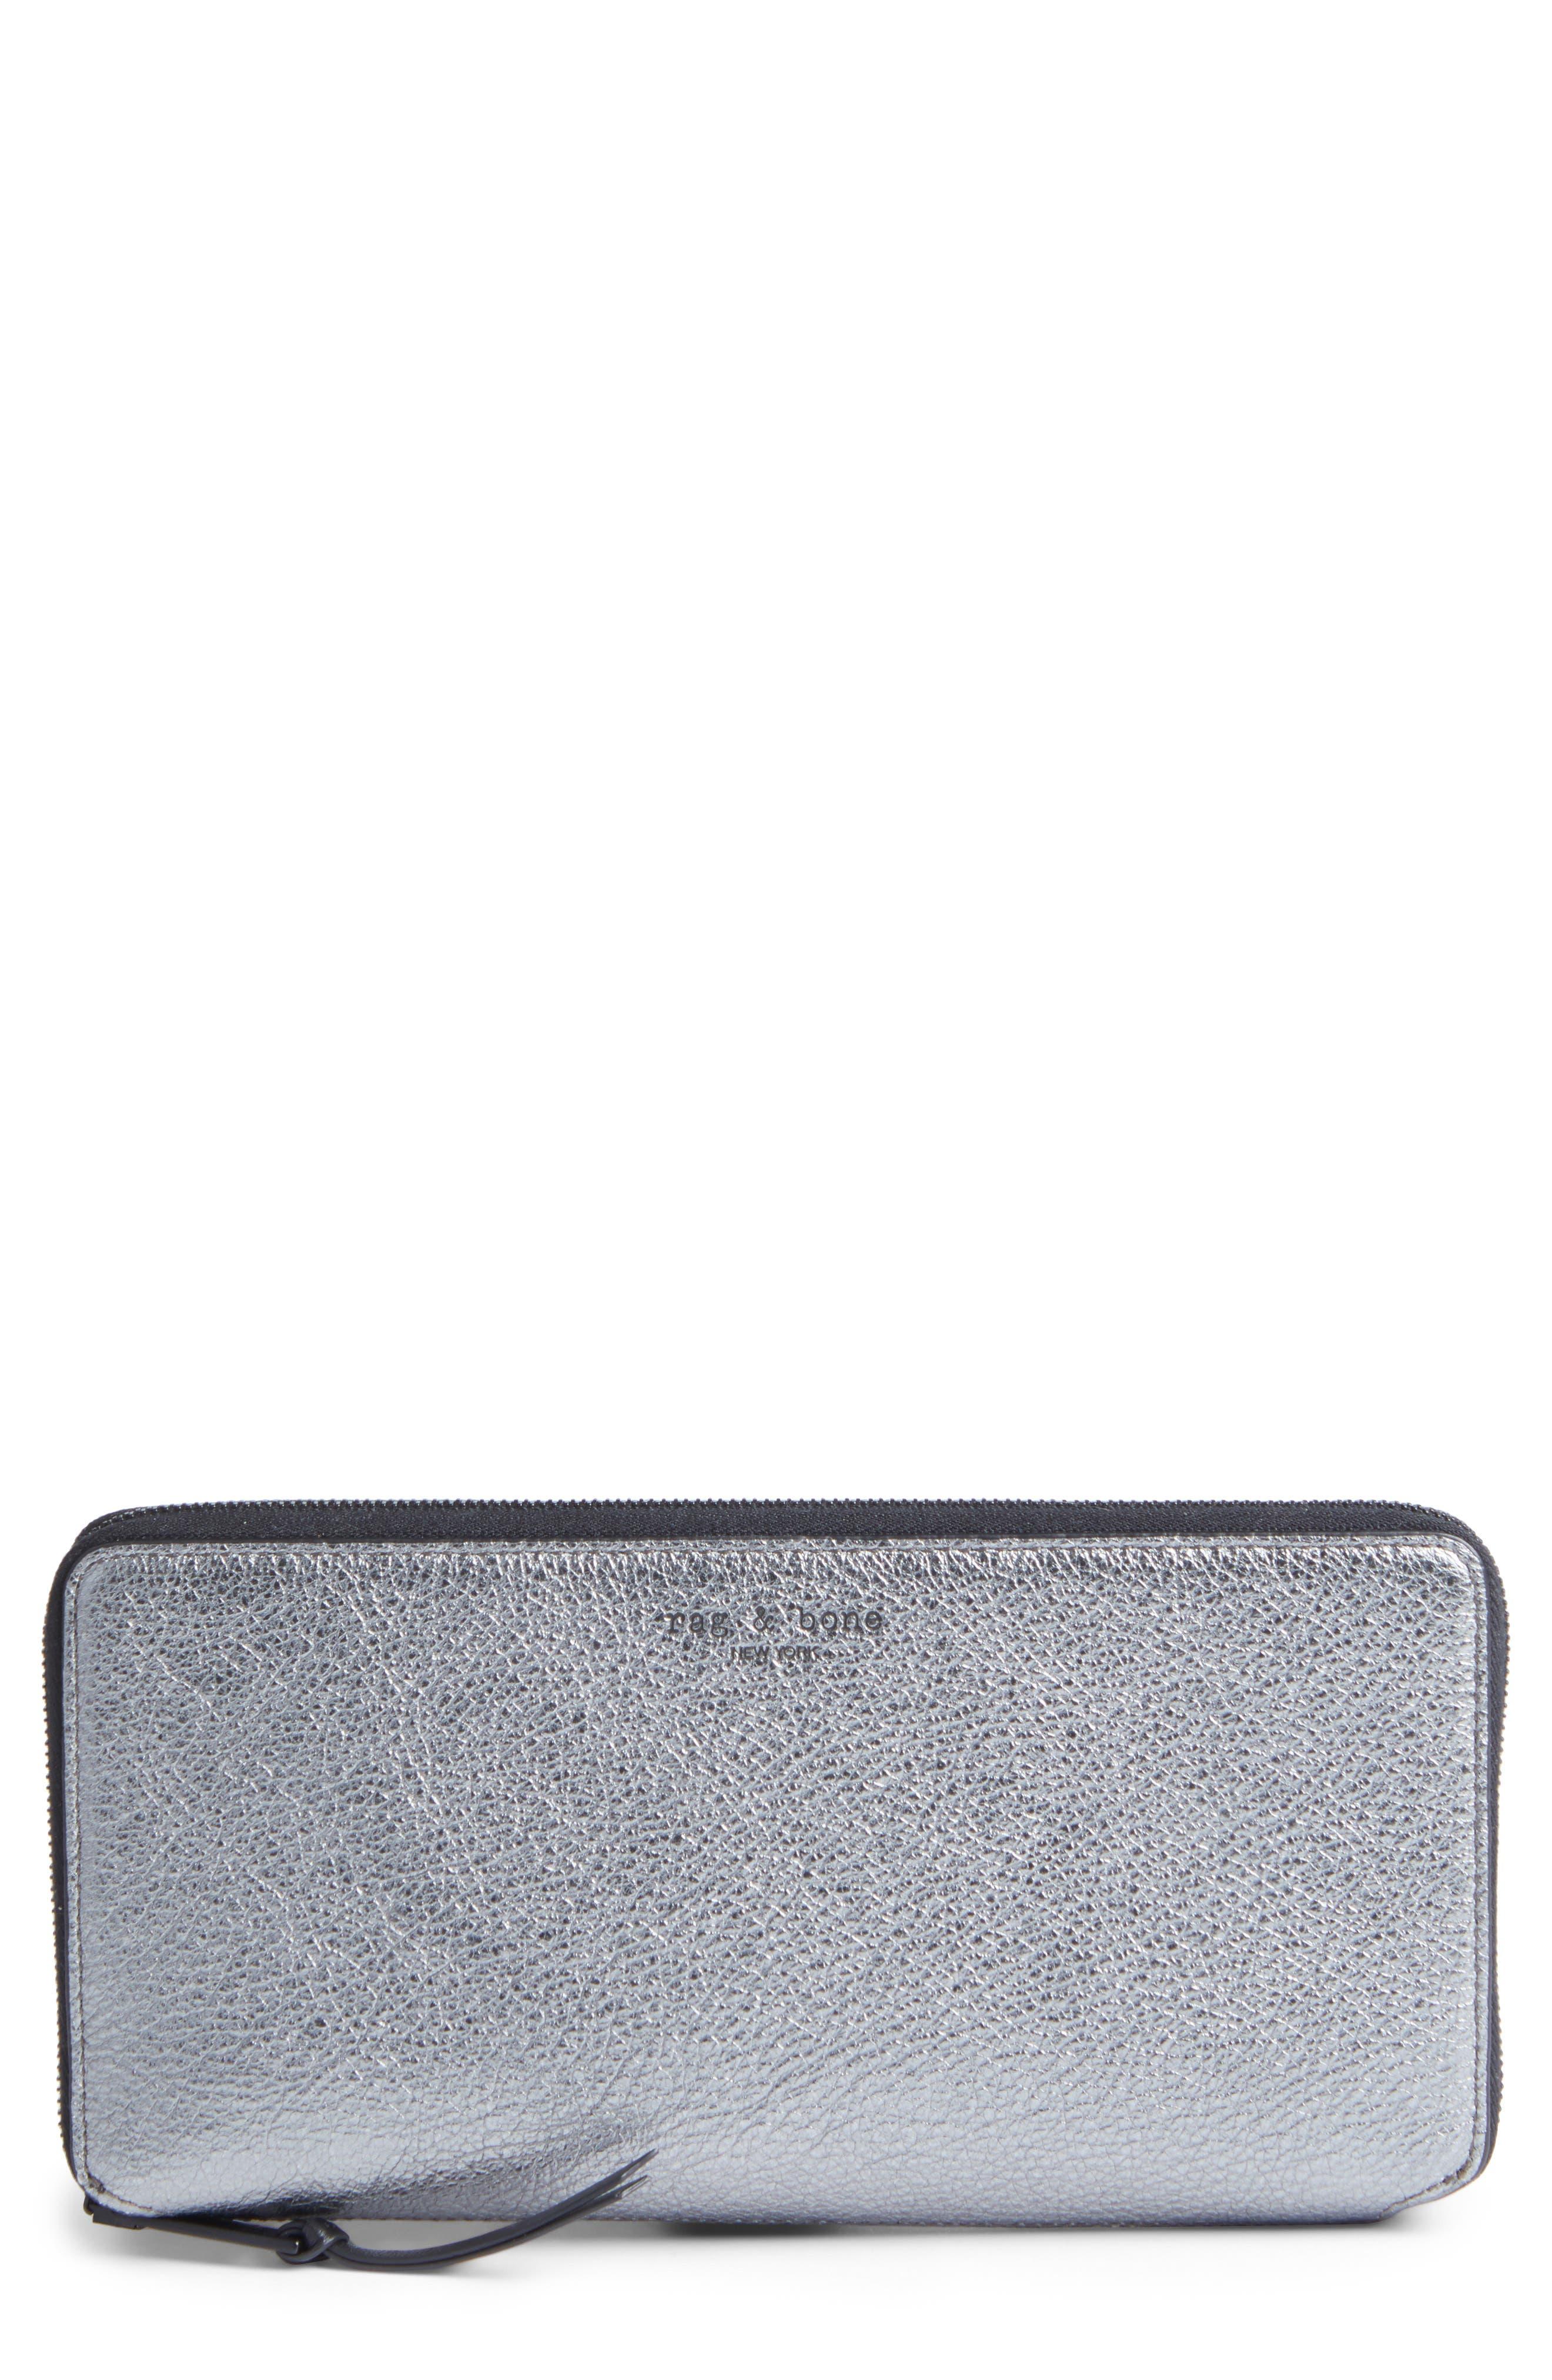 Metallic Leather Zip-Around Wallet,                         Main,                         color, Gunmetal